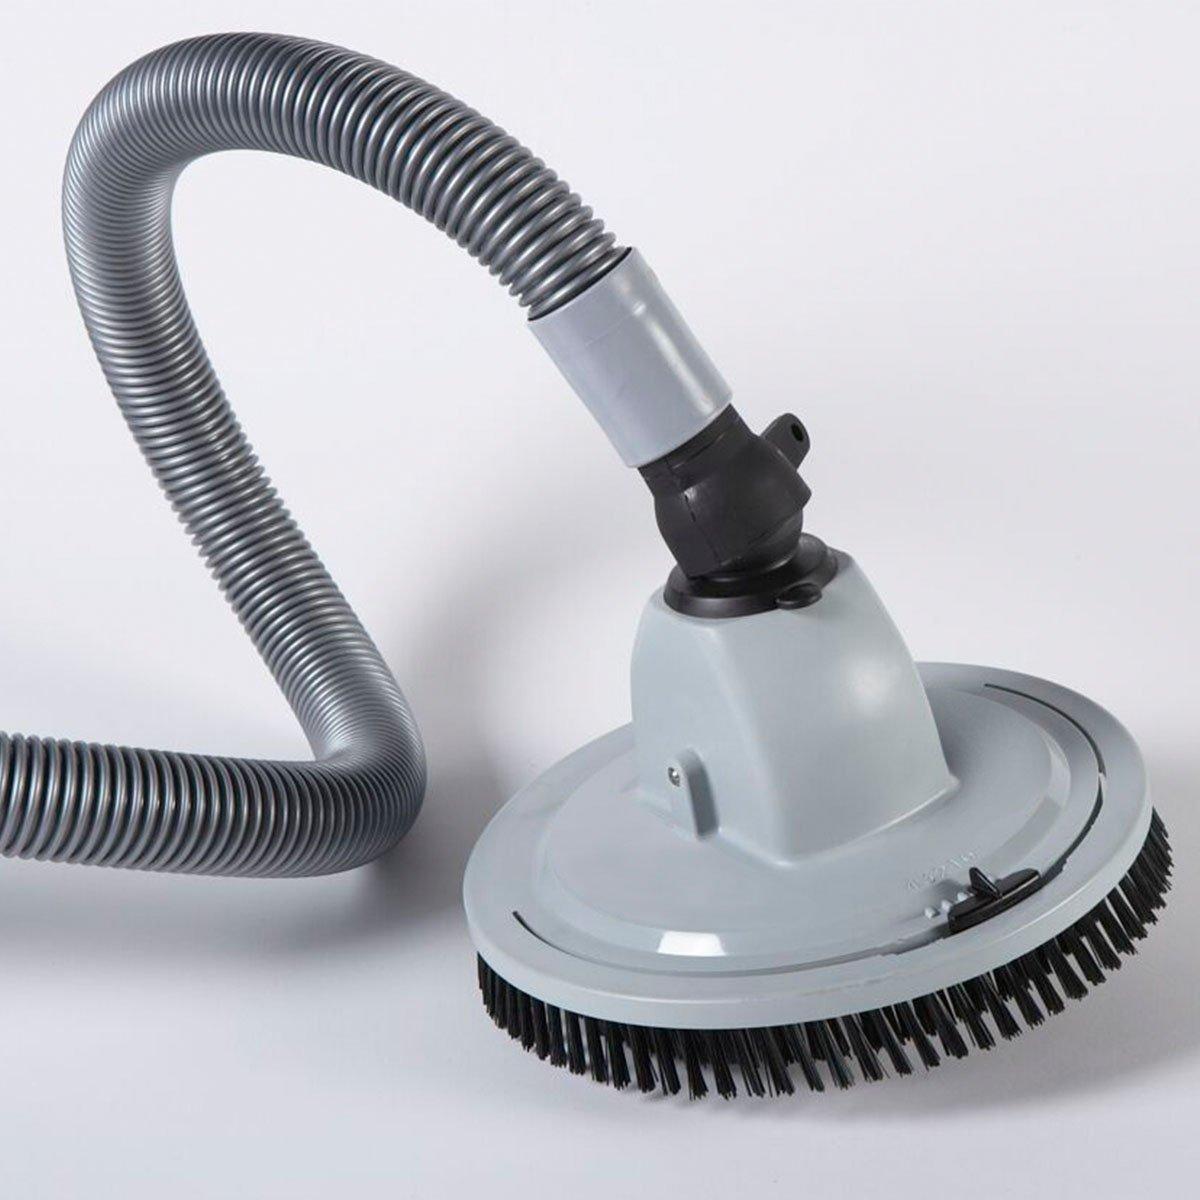 Automatischer Bodensauger weiß, mit ca. 10m Schlauch und Zubehör, ab Filterleistung 5,5m³/h